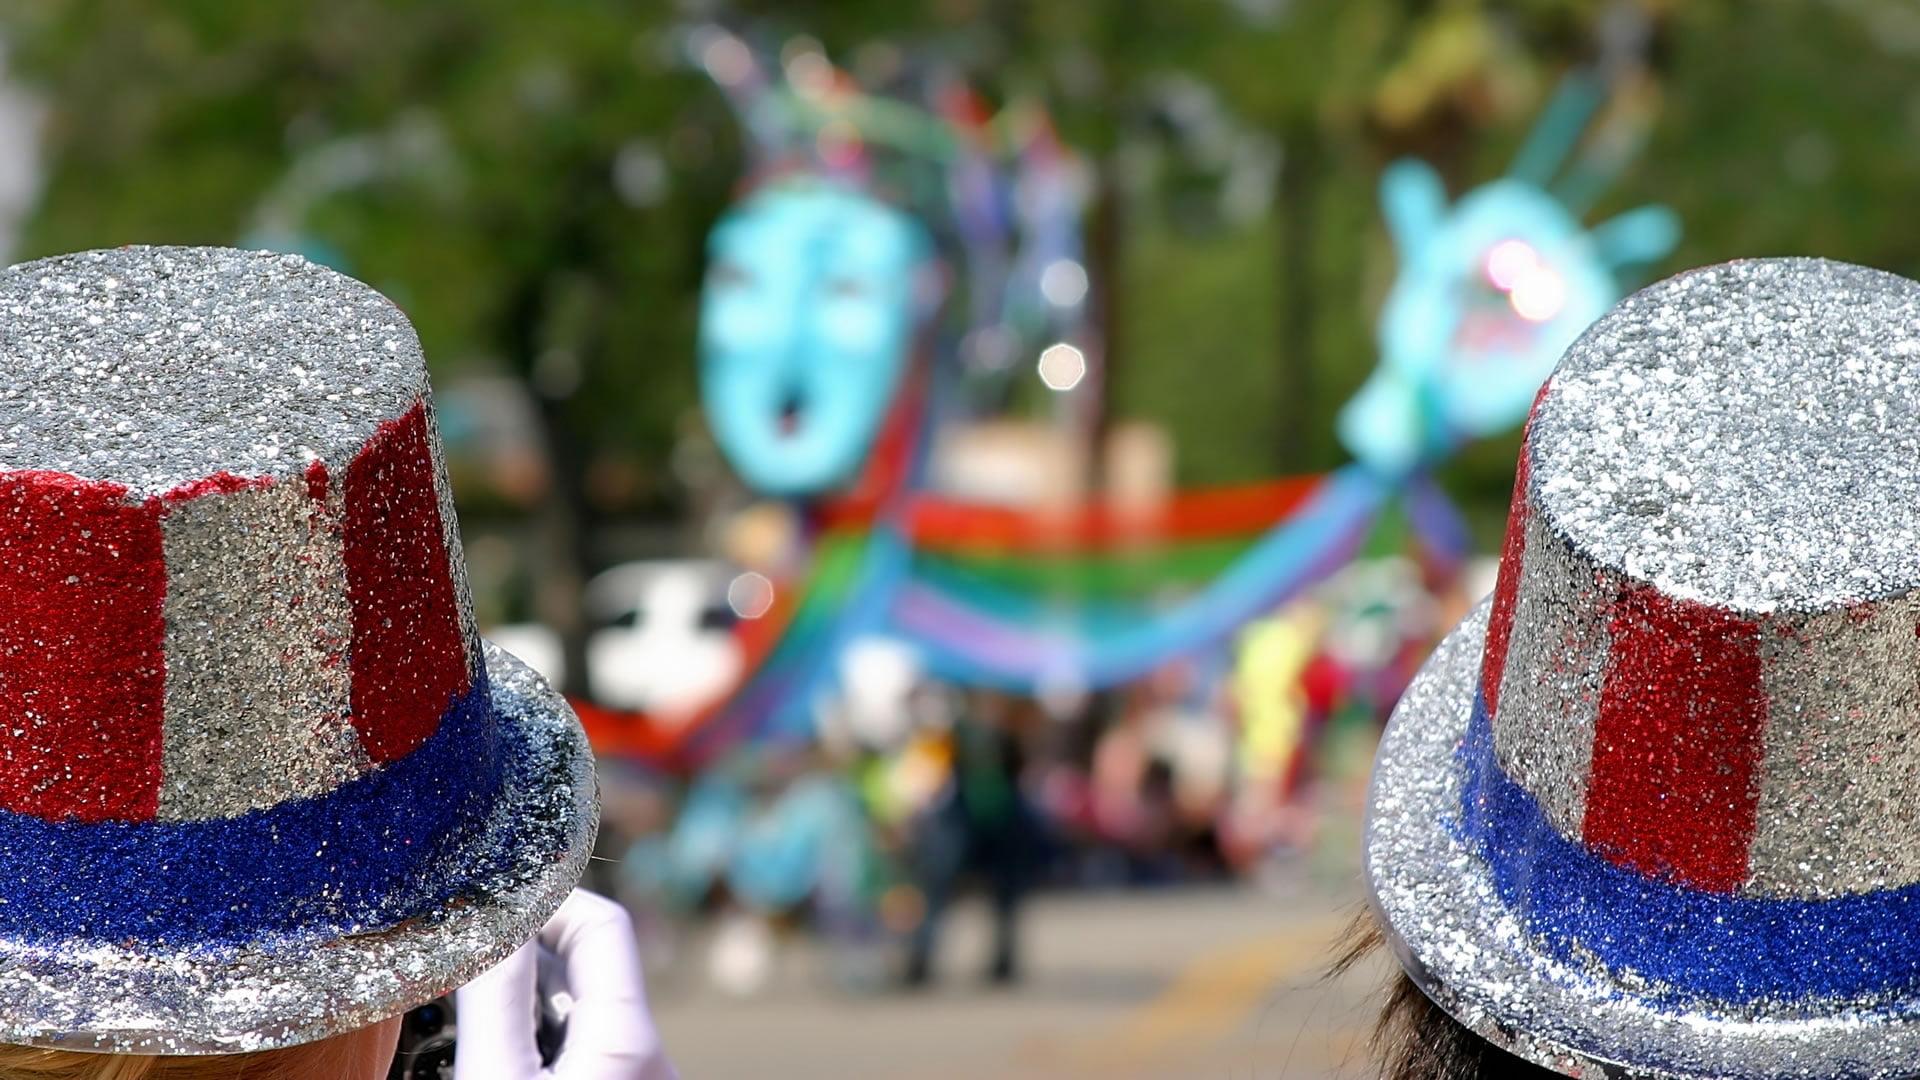 Sombrero de copa típico del Día de la Independencia de los EE.UU.